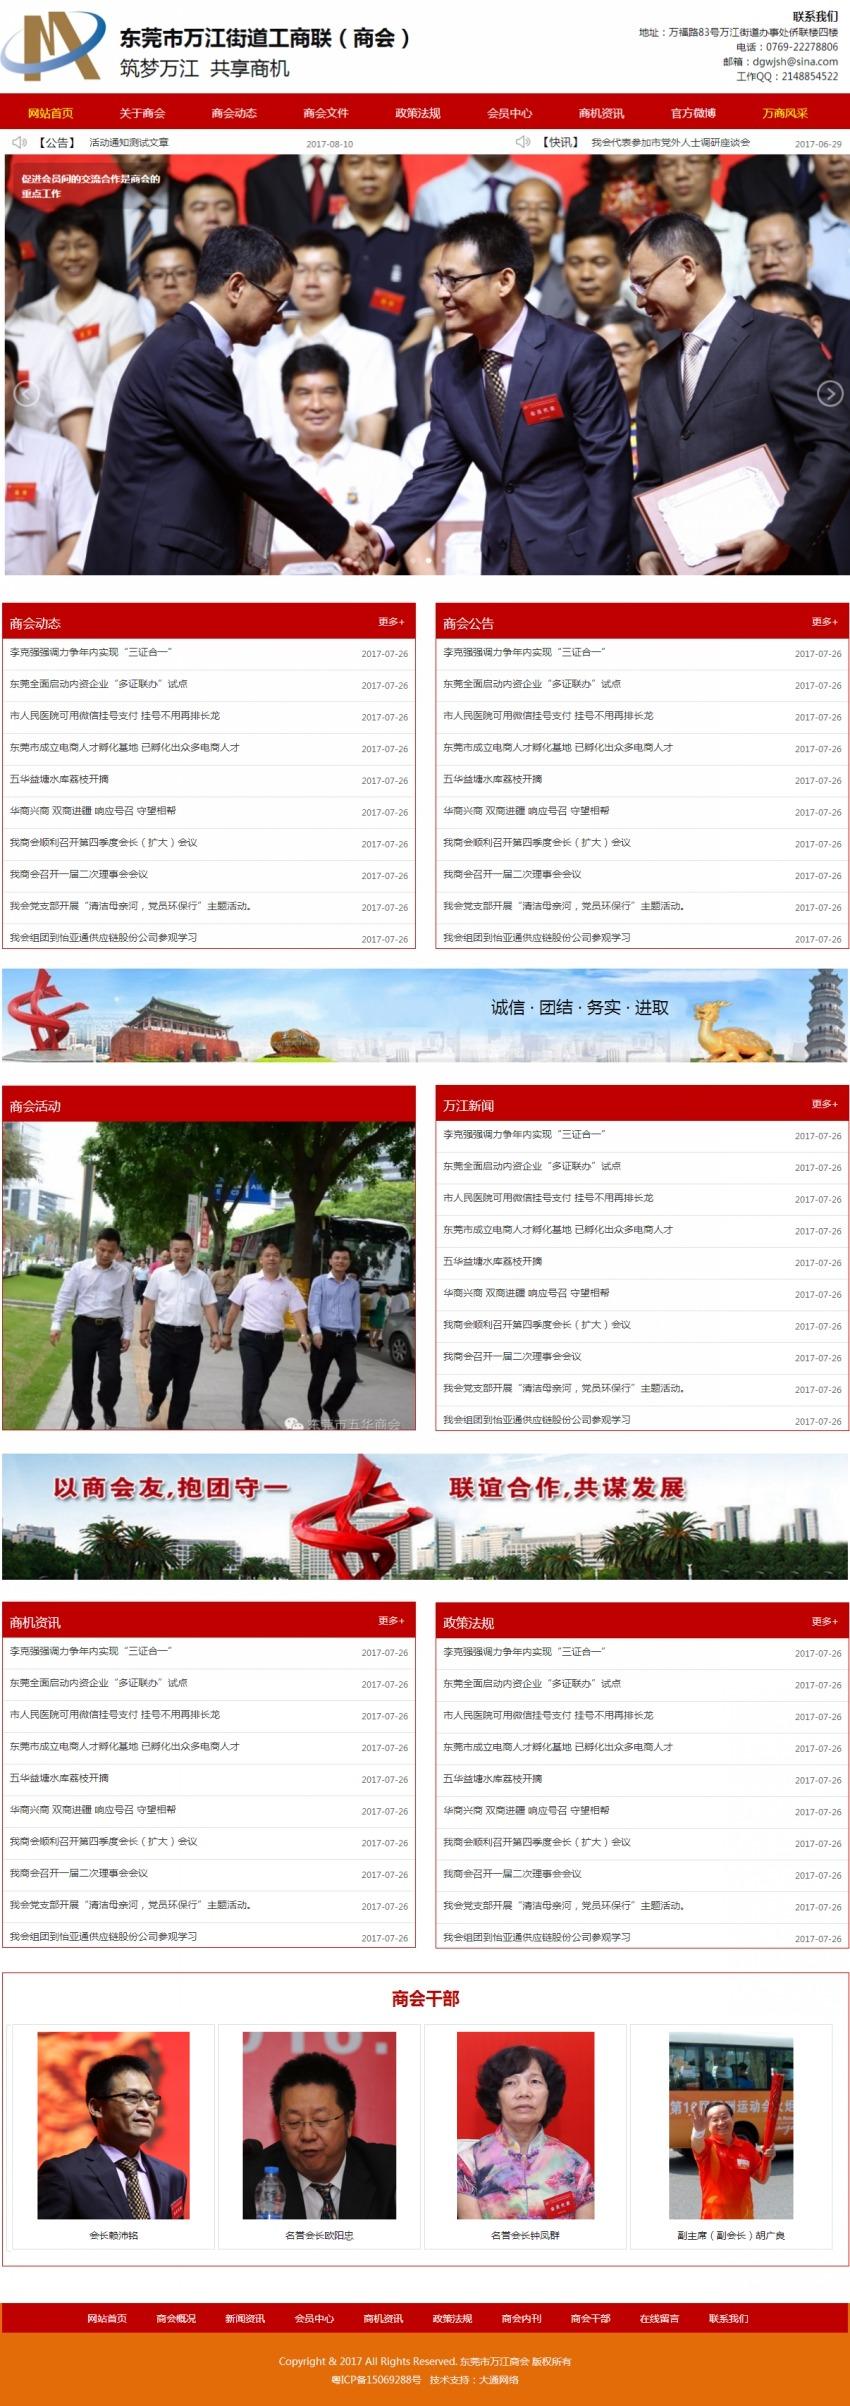 政府组织/工商联网站设计案例